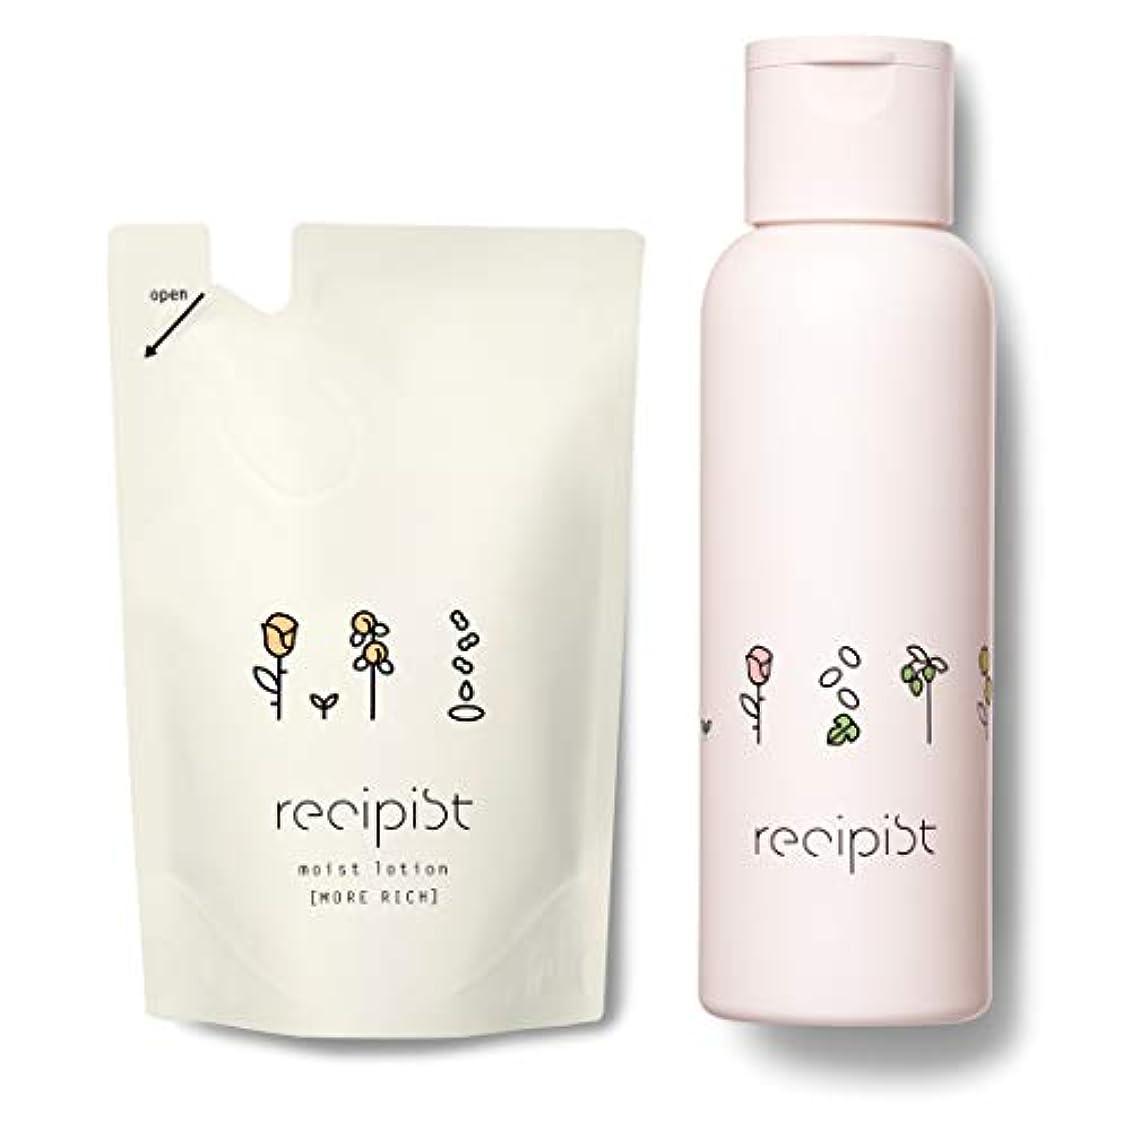 インシデント富象レシピスト しっかりうるおう化粧水 モアリッチ (とてもしっとり) 詰め替え用 180mL + 選べるボトル (ピンク) 自然由来成分